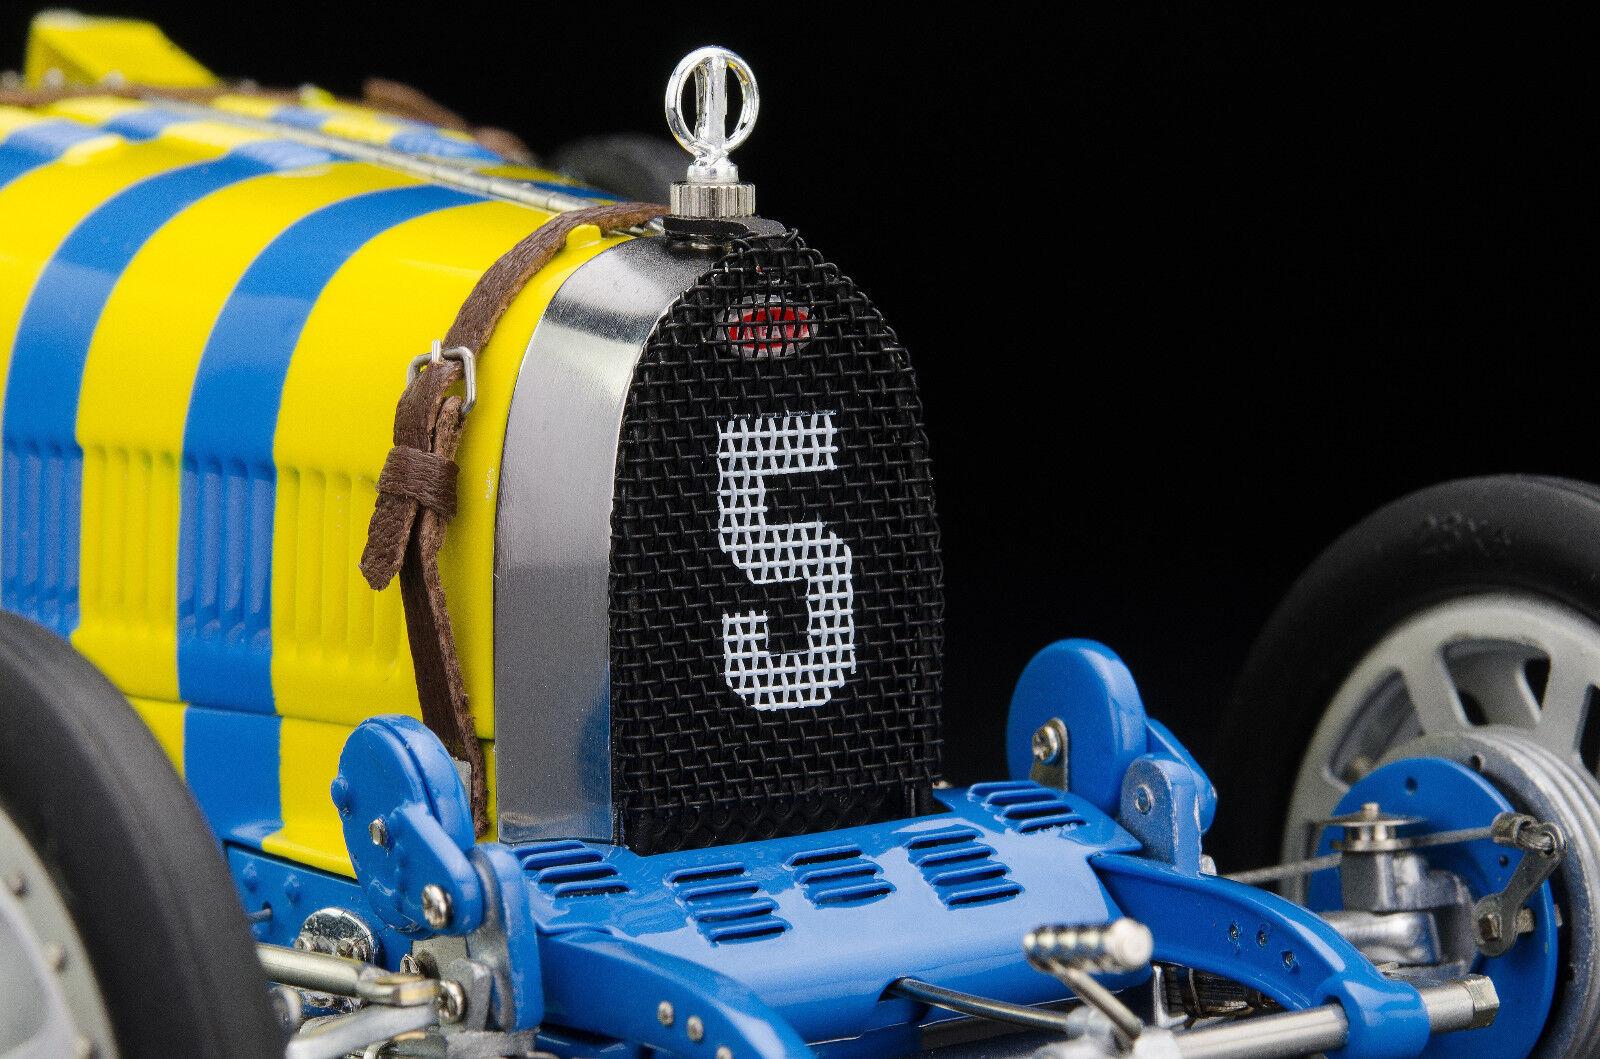 Bugatti t35 nazione color Project-Svezia  5 le 500 St. CMC m-100 011